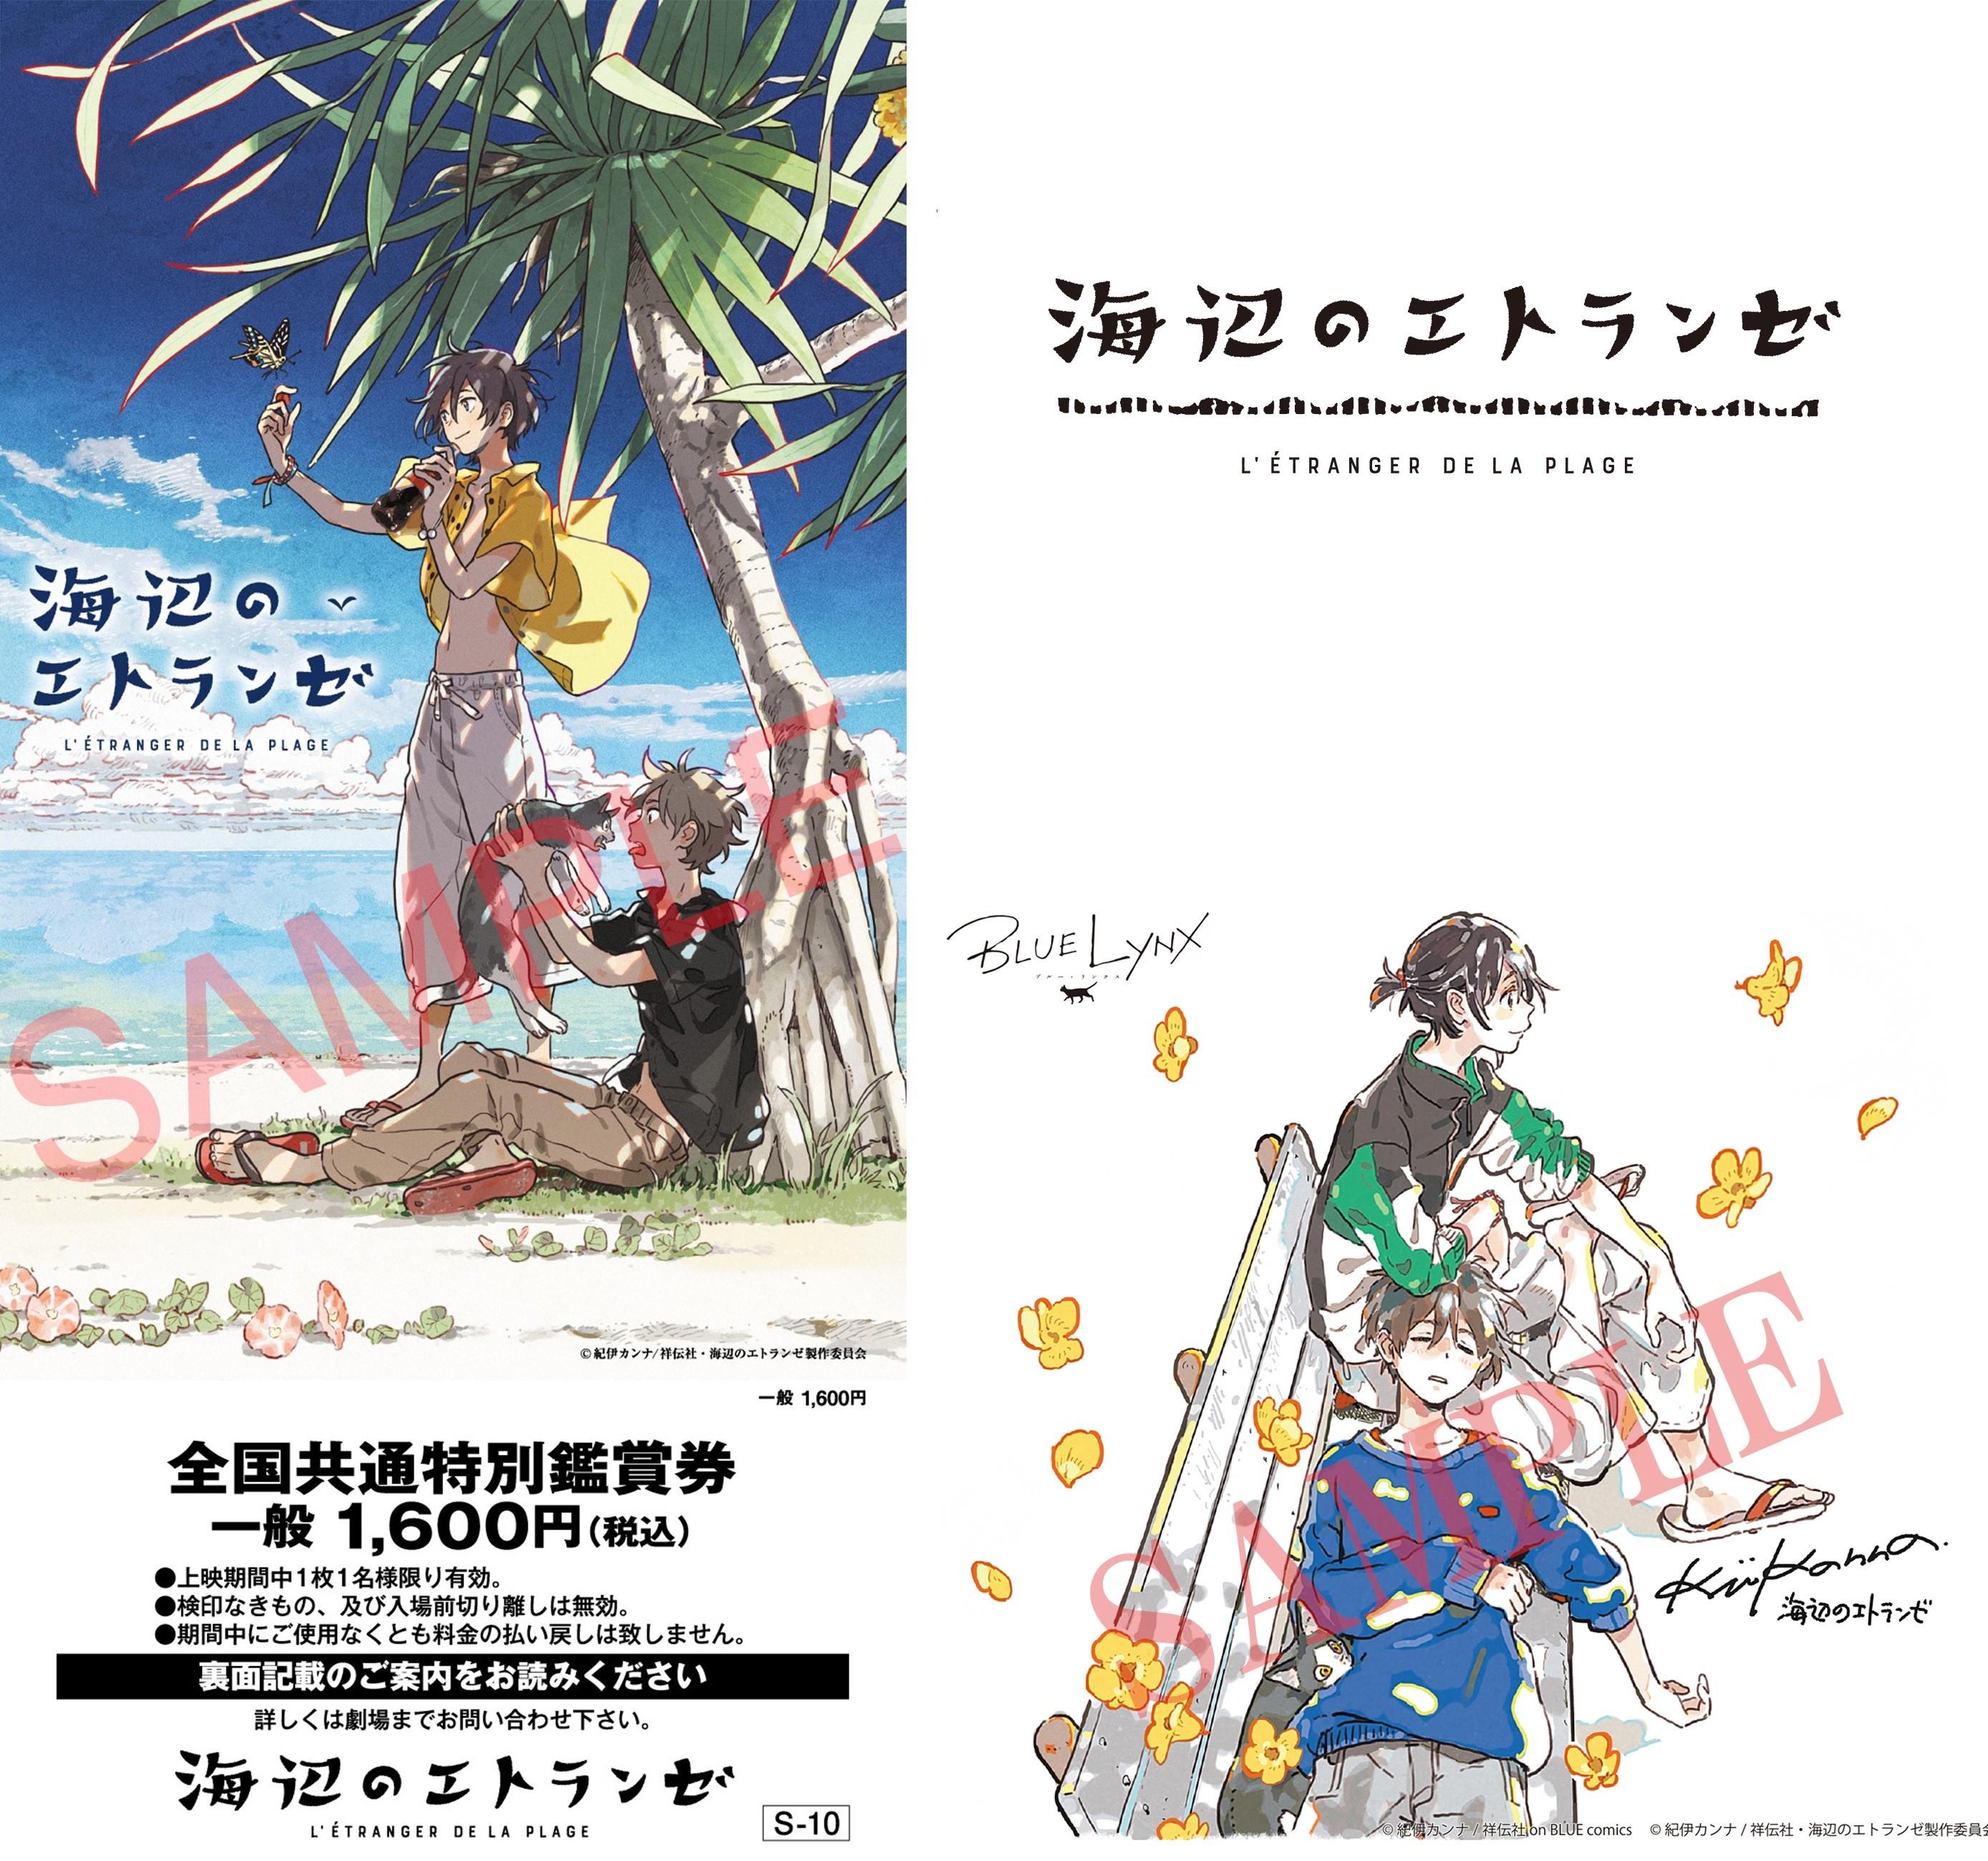 画像7_エトランゼ_券面_色紙._sample追加jpg.jpg